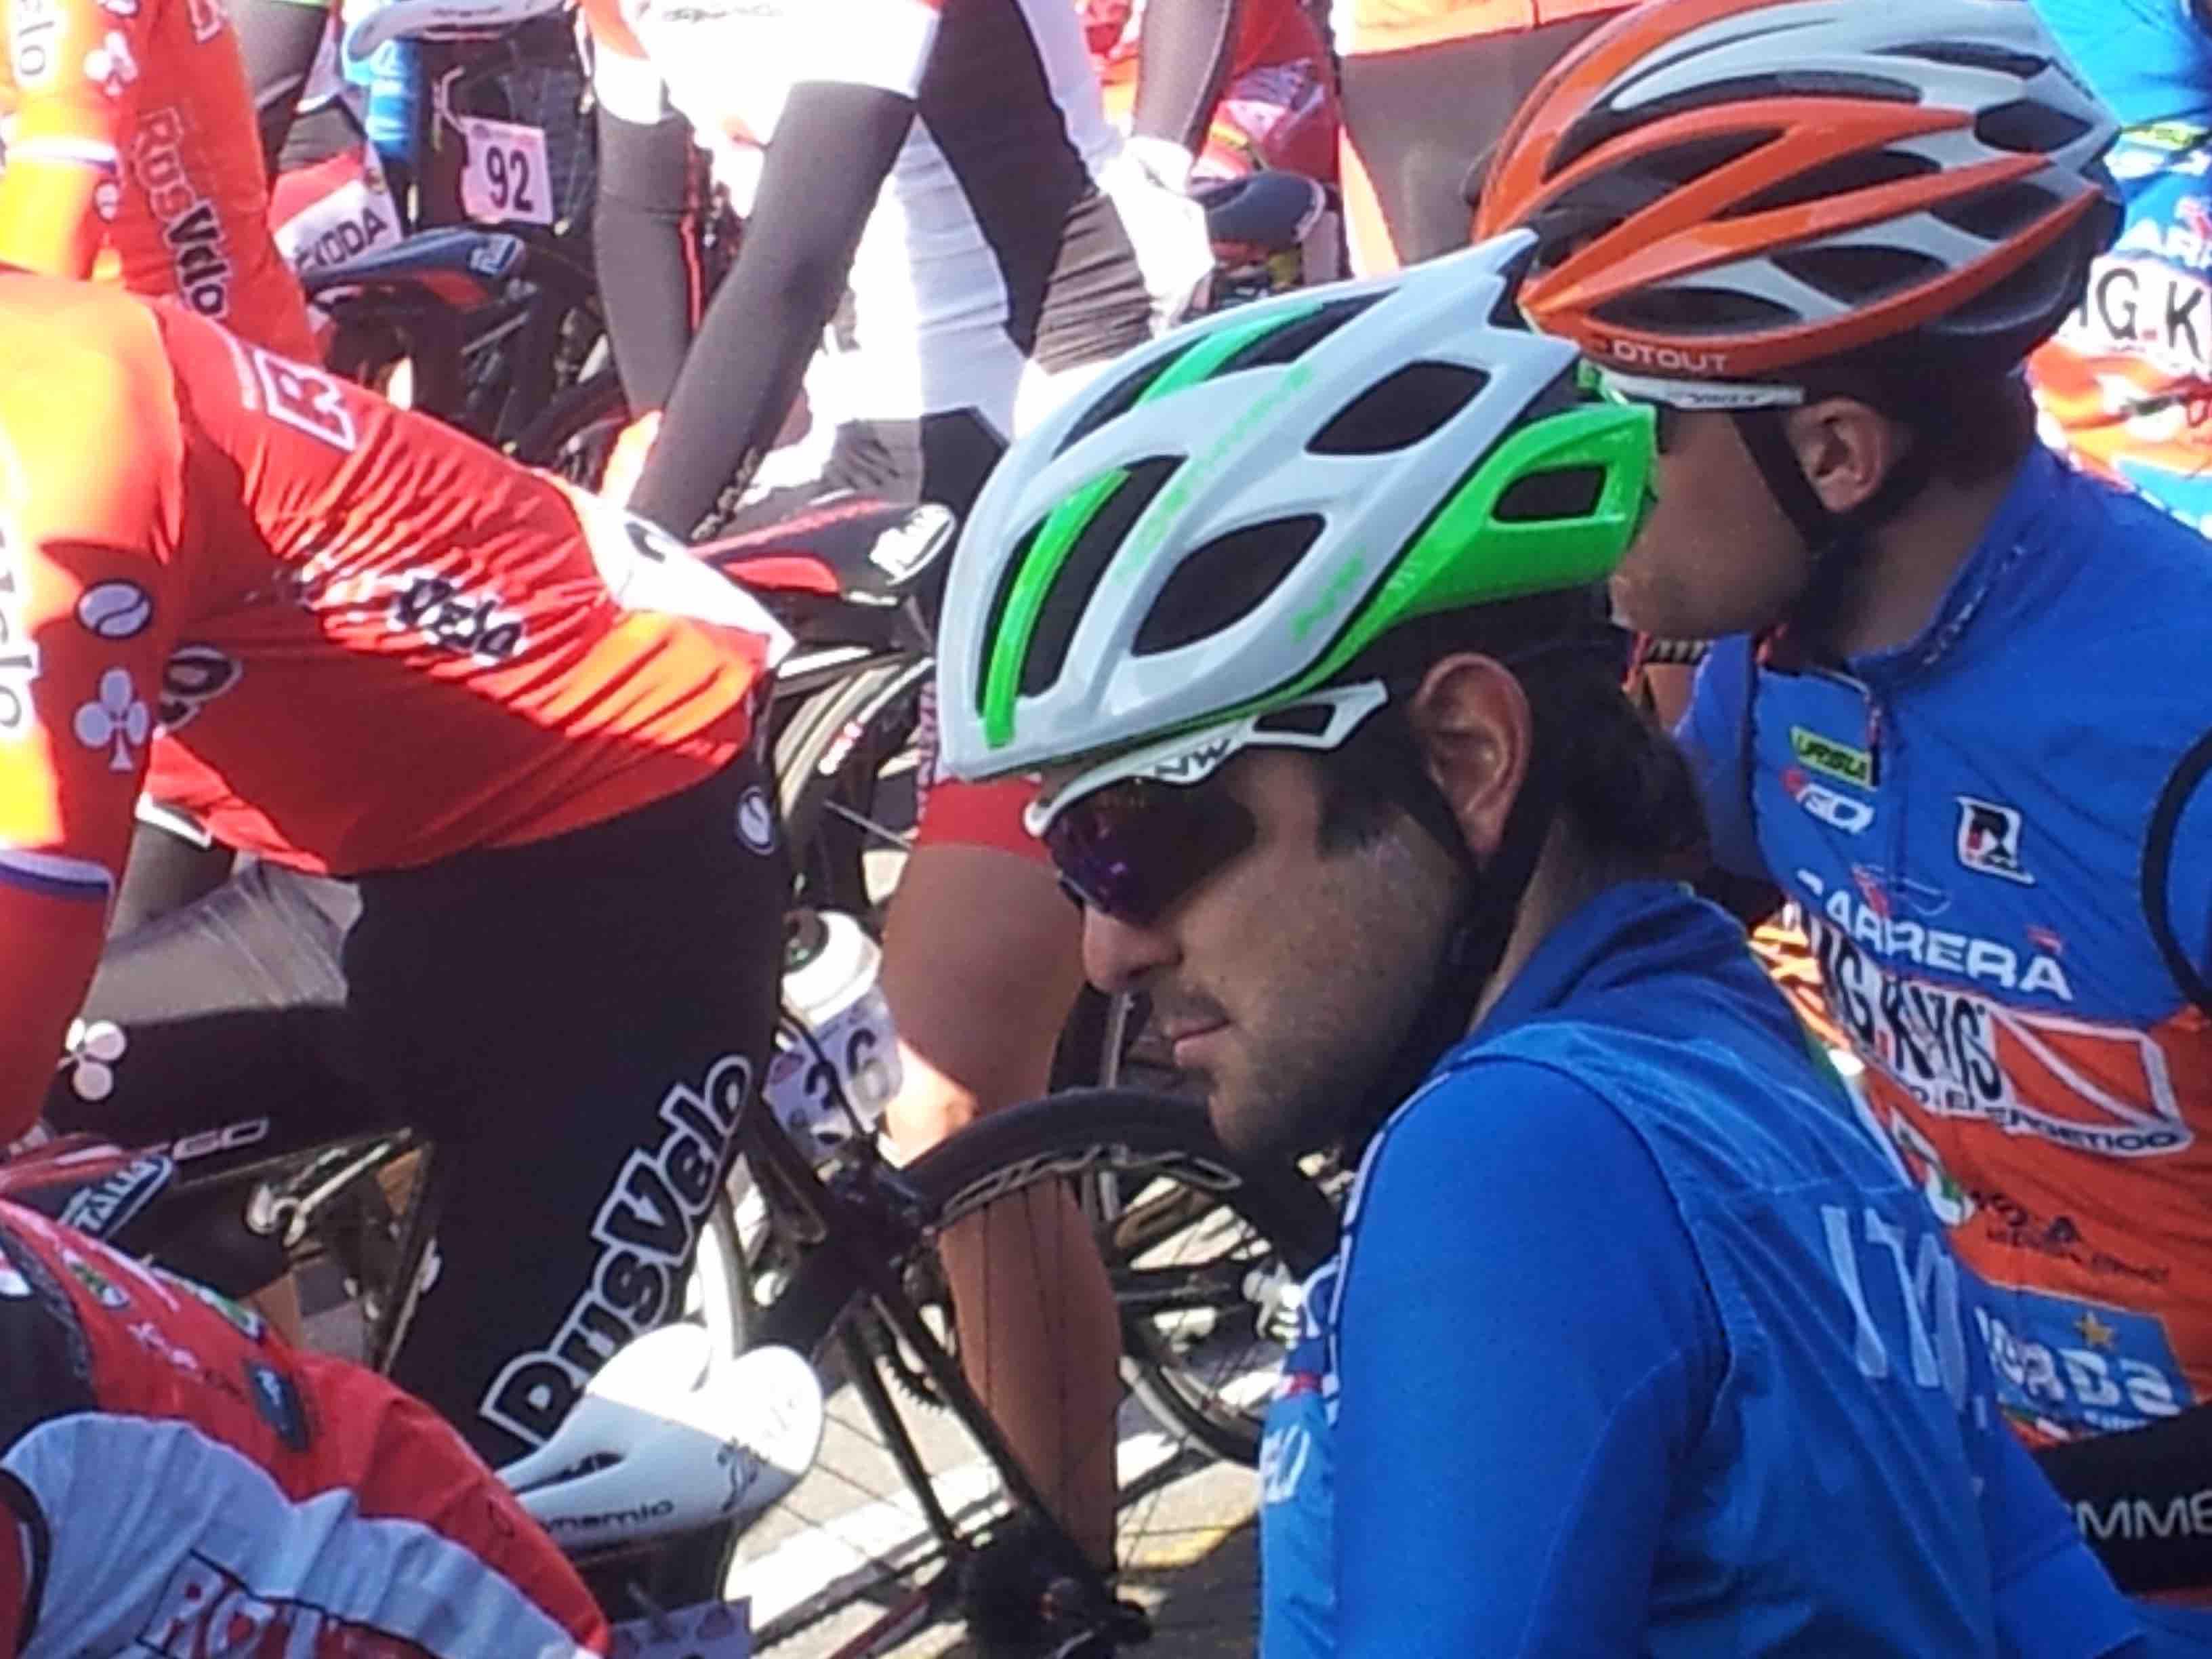 Ciclismo. Jacopo Mosca, esordio in azzurro con fuga di 130 km